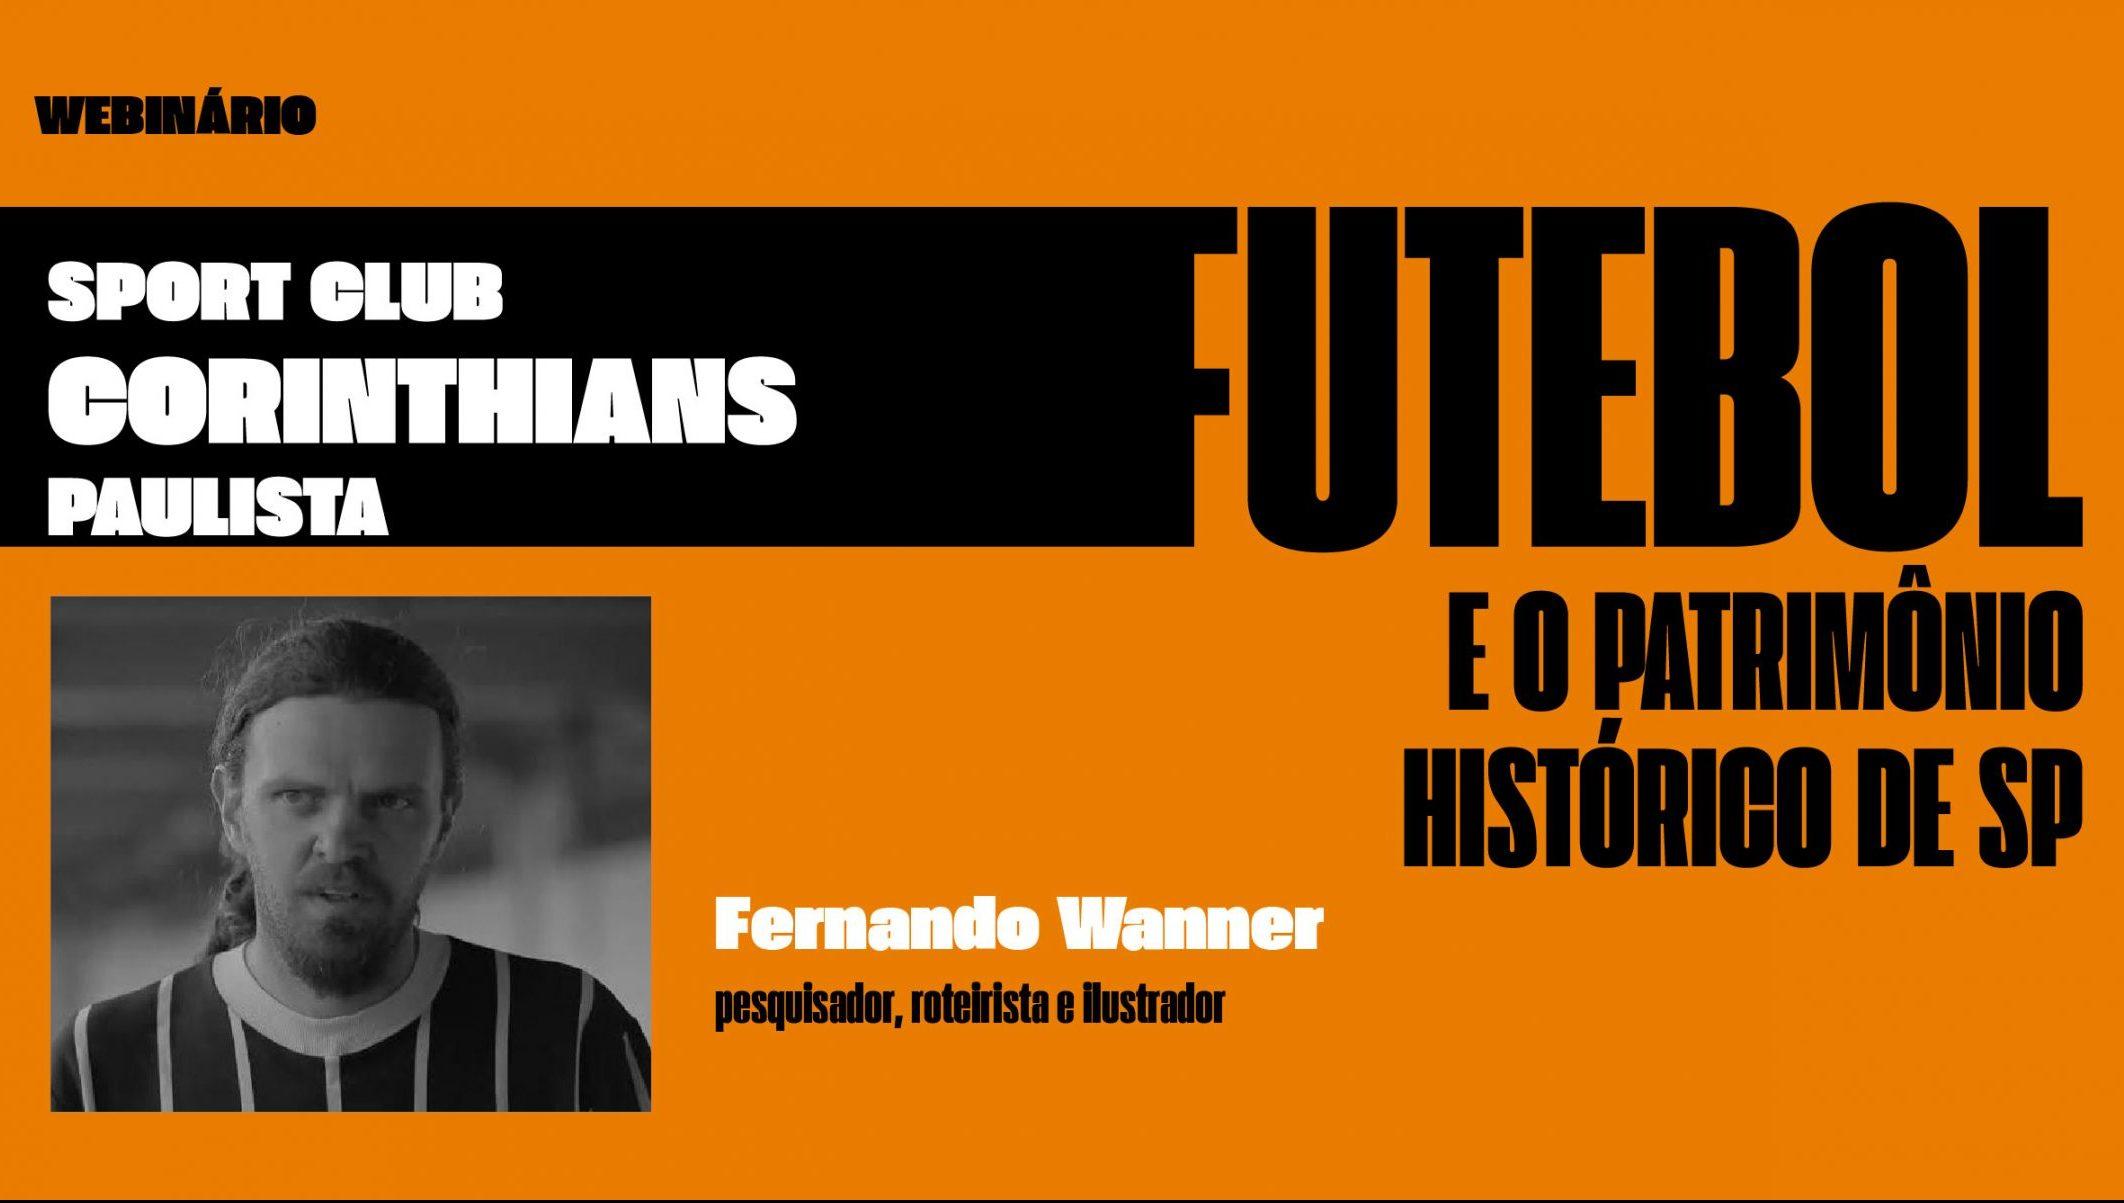 Futebol e o patrimônio histórico de SP. Sport Club Corinthians Paulista. Com Fernando Wanner.